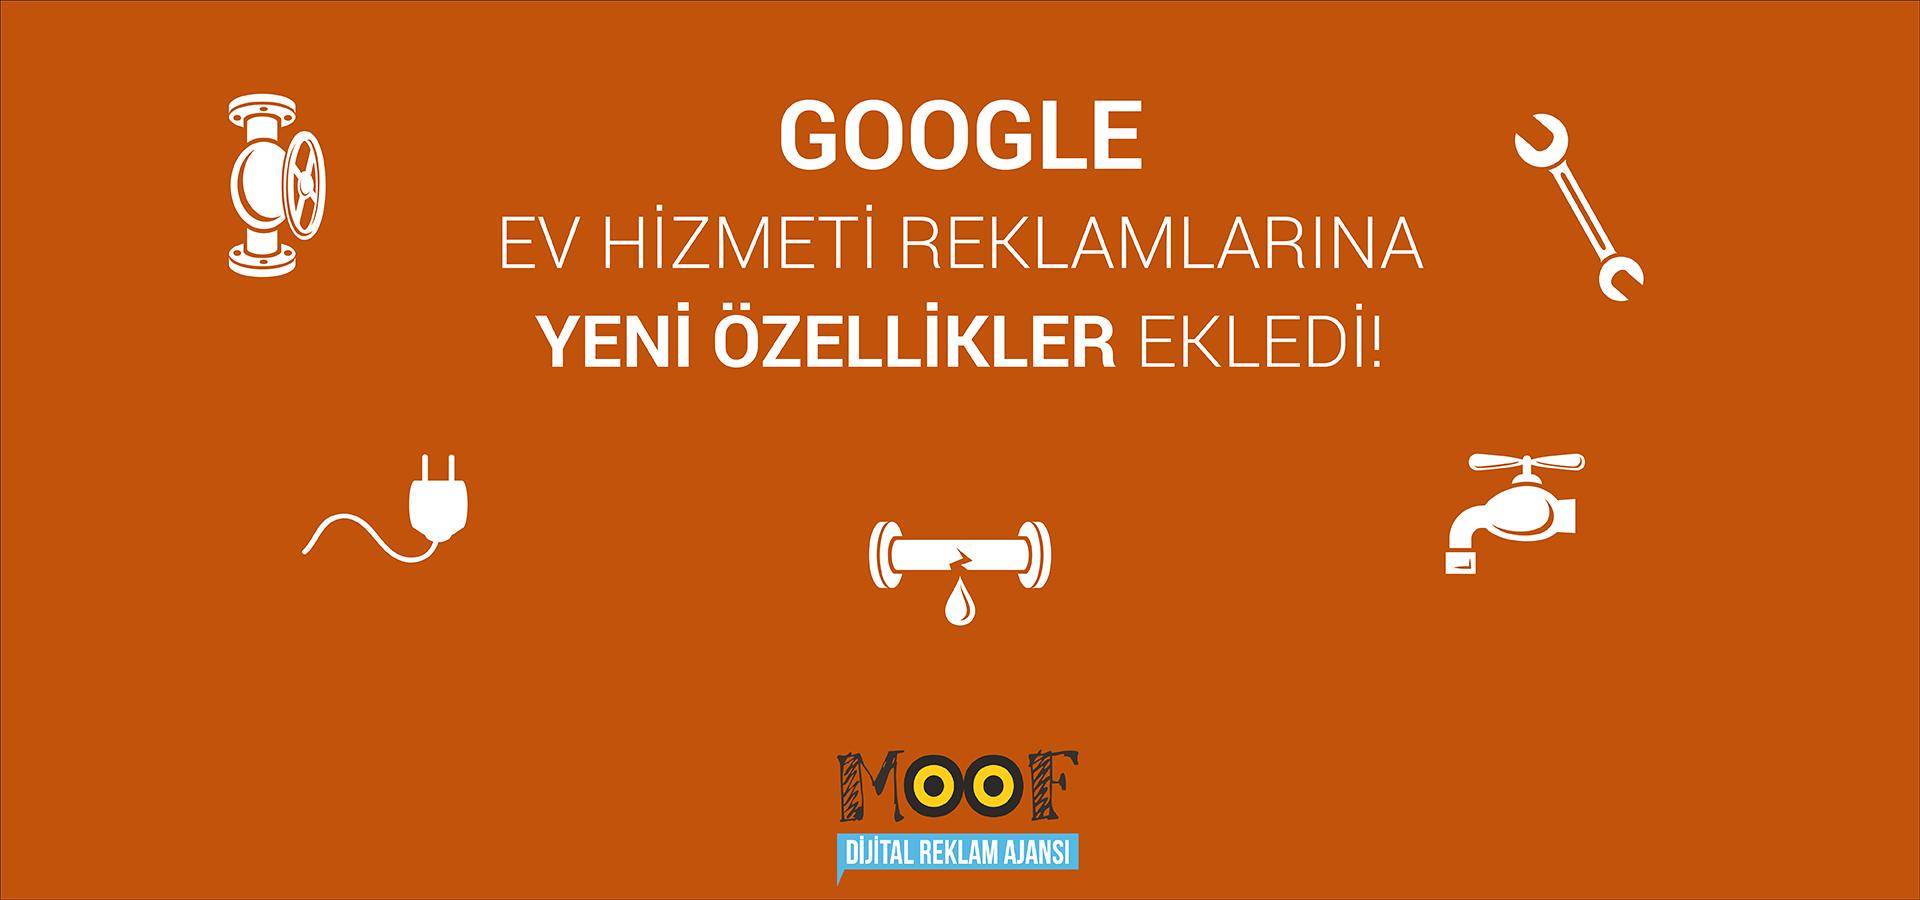 Google Ev Hizmeti Reklamlarına Yeni Özellikler Ekledi